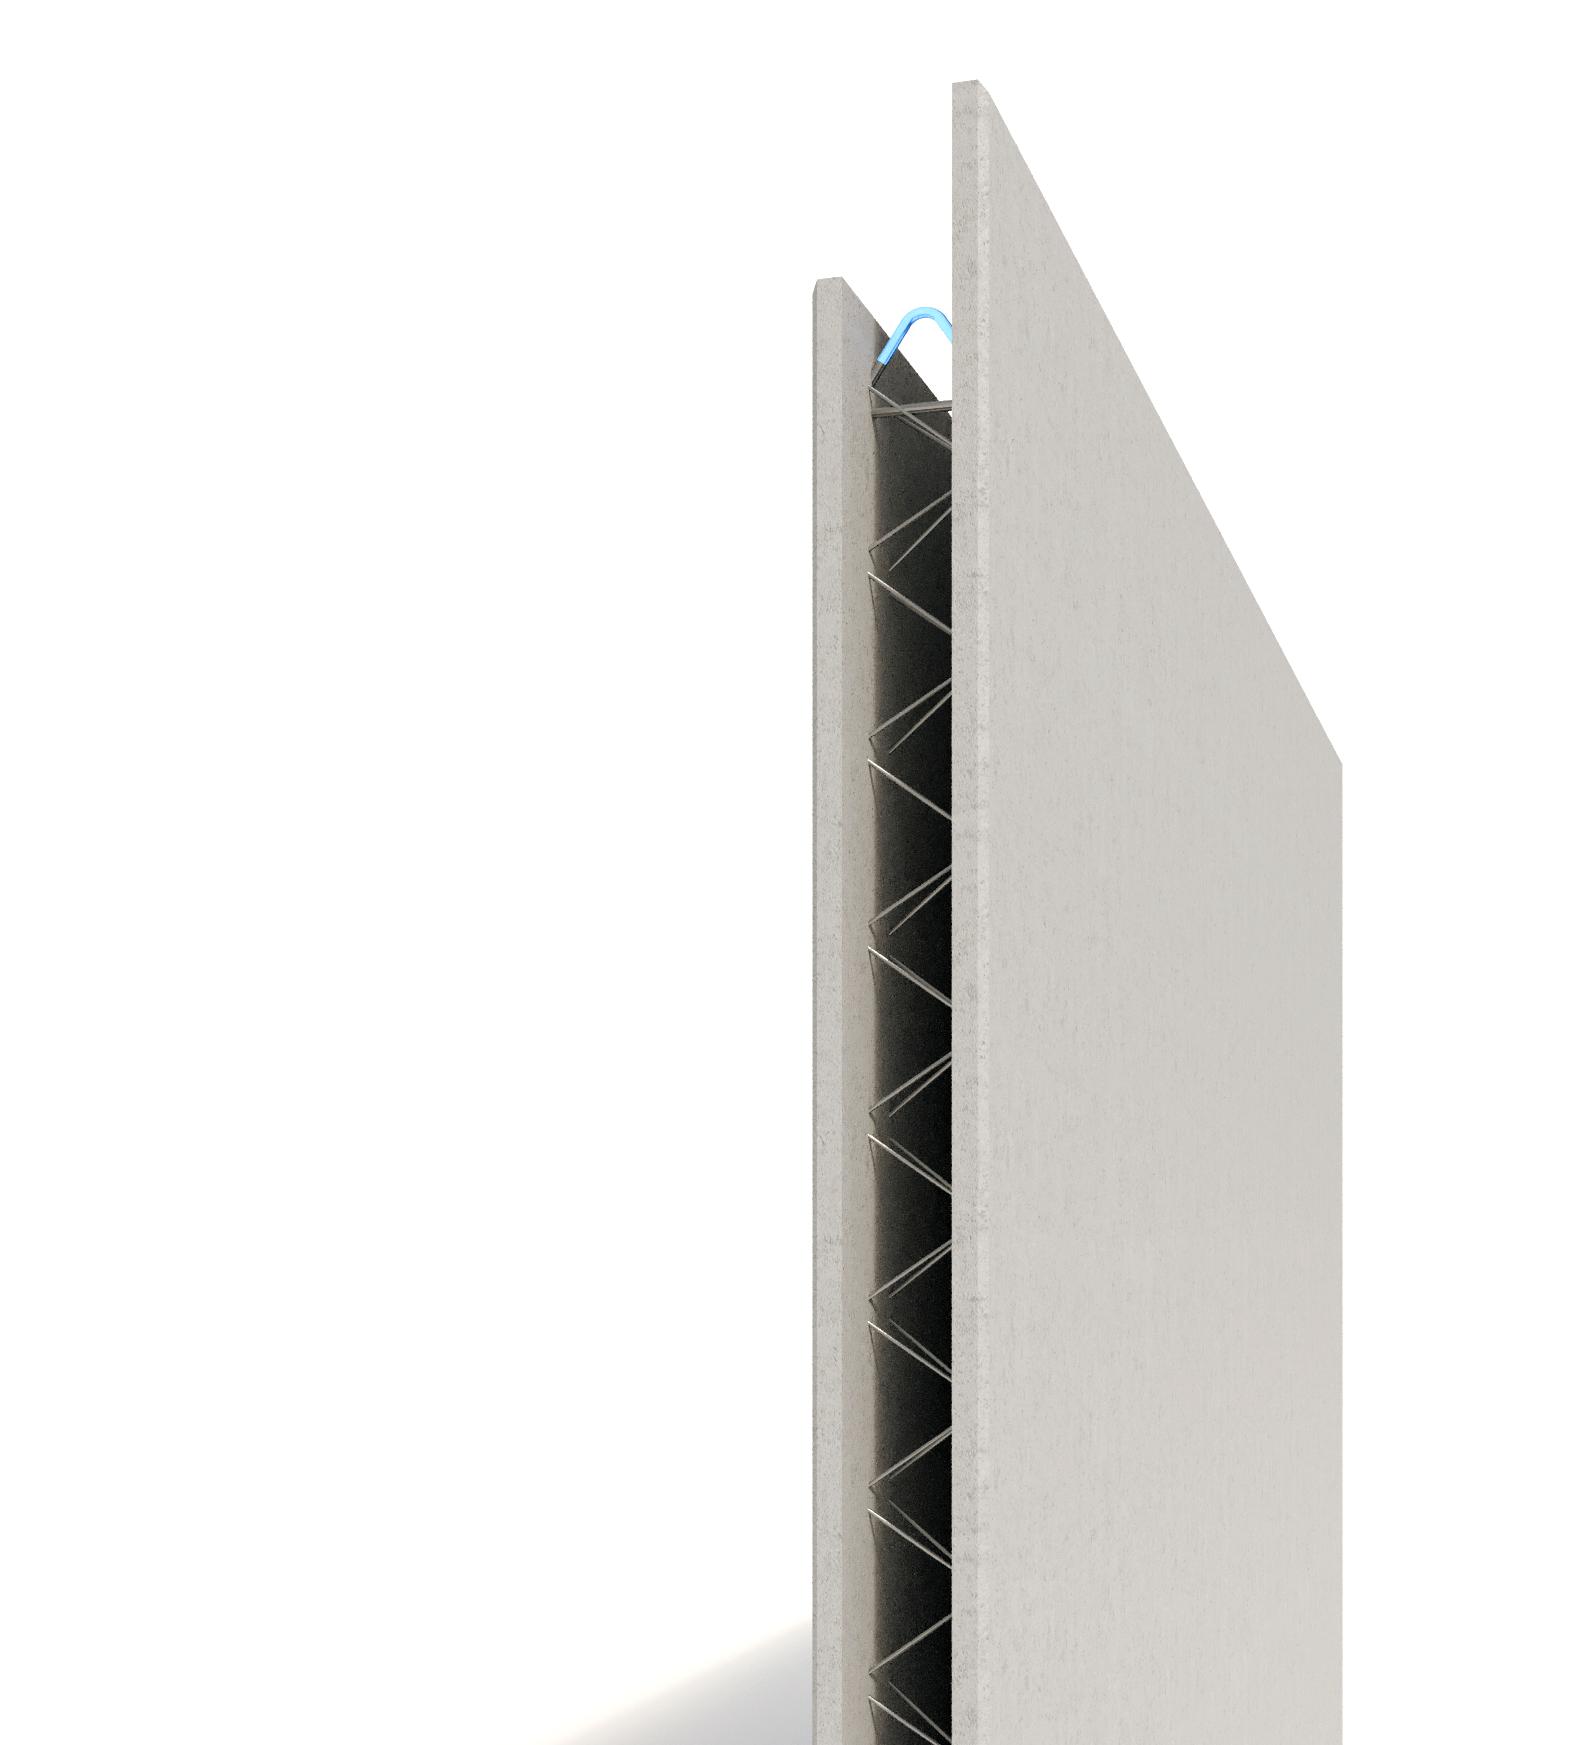 Prémur